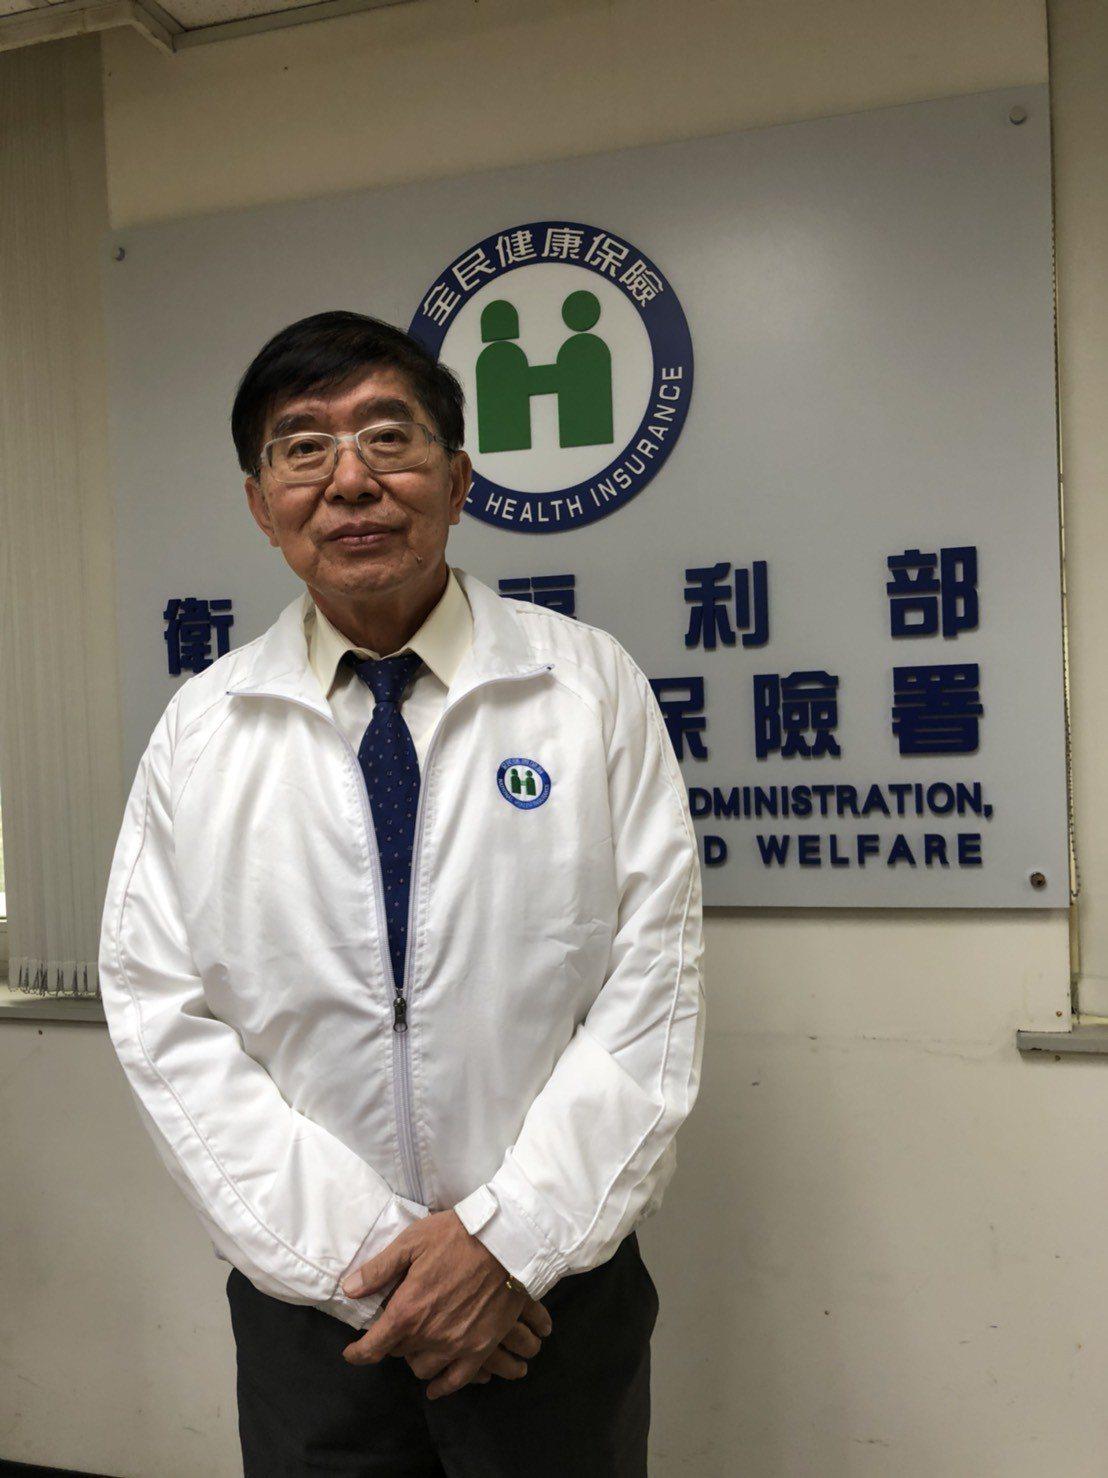 健保署長李伯璋辦公室在17樓,強震發生時讓位於高樓辦公,緊張不已。圖/本報資料照